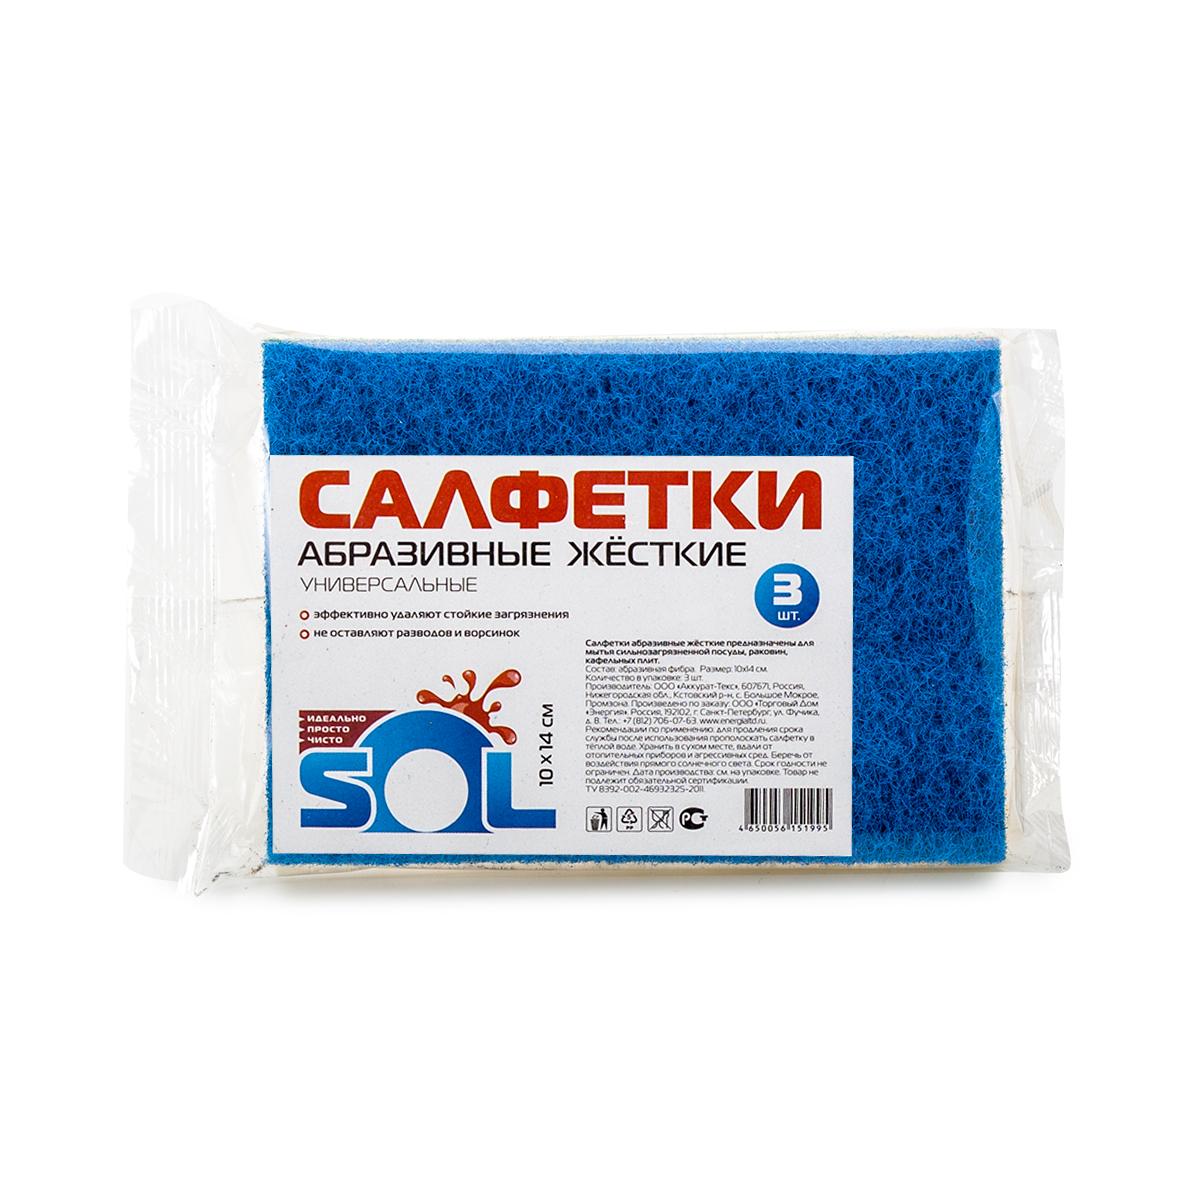 Салфетка для уборки Sol, абразивная, 10 x 14 см, 3 шт6.295-875.0Абразивная салфетка Sol эффективно удаляет сильные загрязнения, идеально подходит для чистки застарелых загрязнений на посуде и кухонной плите. Обладает повышенной прочностью, что обуславливает ее долговечность. Салфетка выполнена из абразивной фибры.В наборе - 3 разноцветные салфетки.